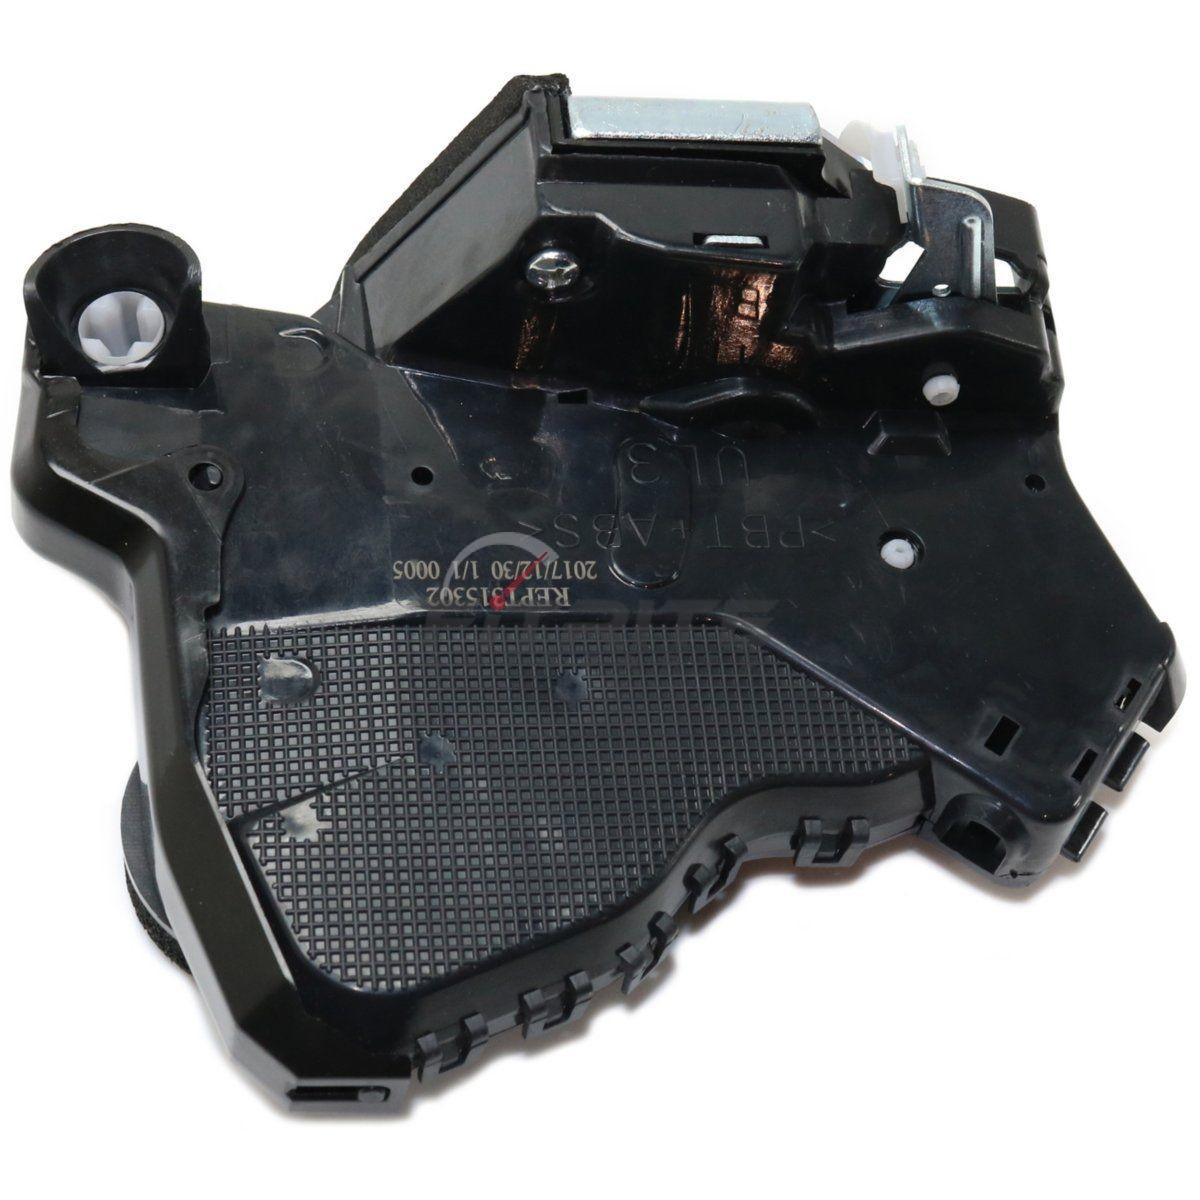 Lexus LS460 OEM Front Left Door Lock Actuator 2007-2012 **Lifetime Warranty**